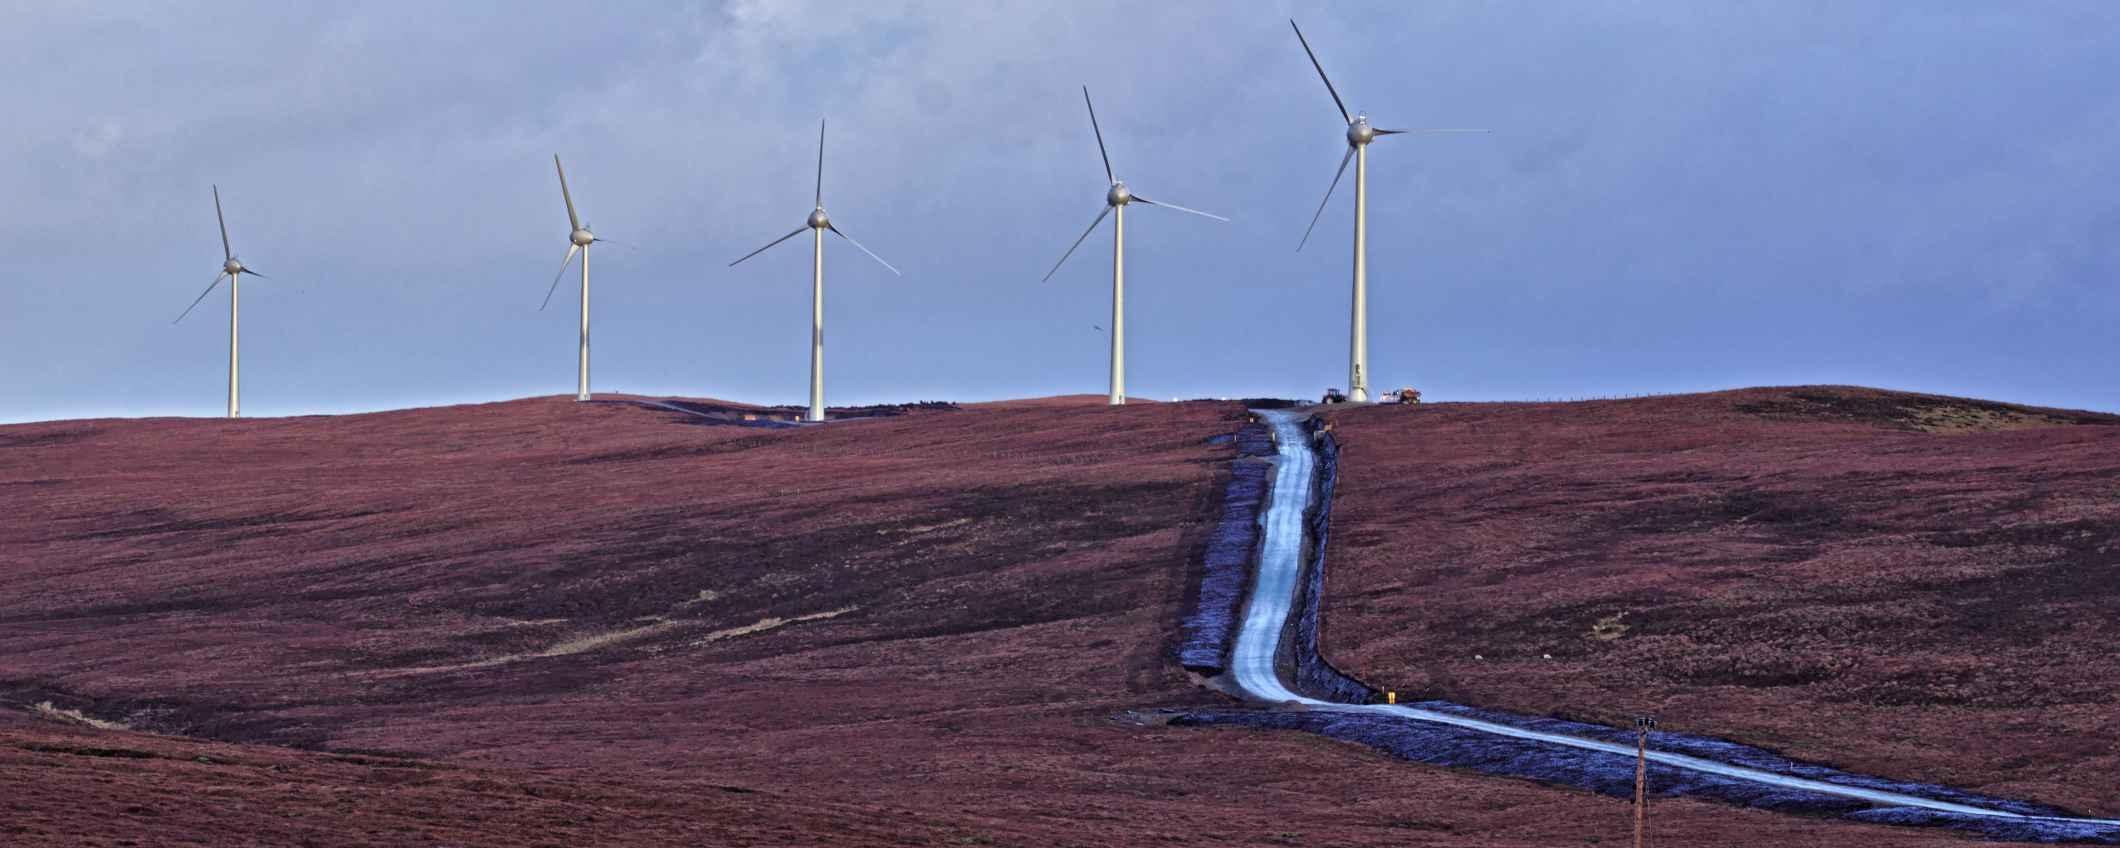 Garth Wind Limited fait le bonheur de la communauté de l'île de Yell